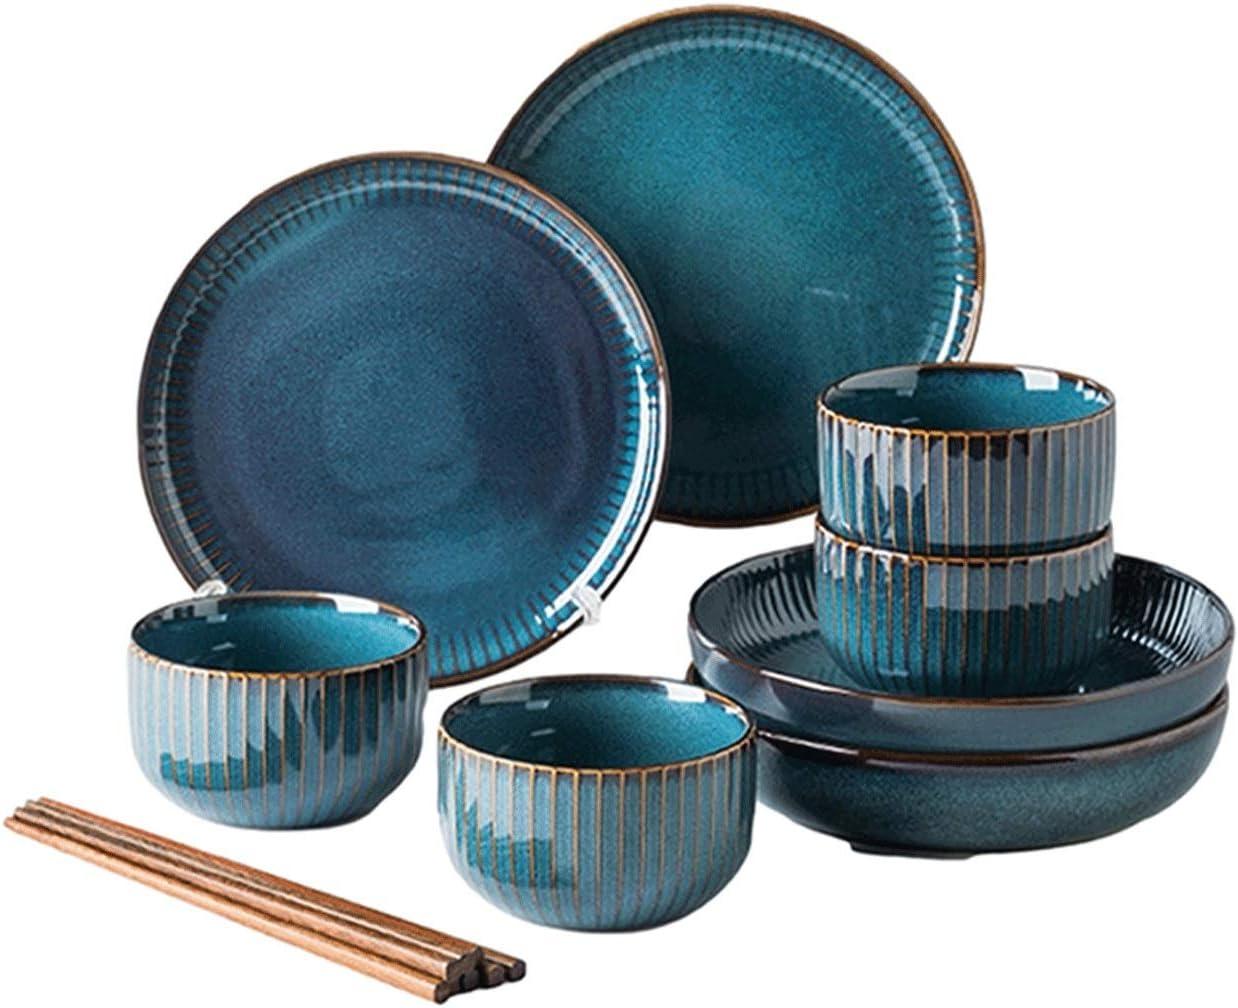 12 piezas/20 piezas/28 piezas Cena Combi Colocar con Azul Luz de las estrellas Serie- Familiar cerámica vajilla Juego de platos por Bol de arroz/ palillos para 2-6 personas Clásico Vajilla